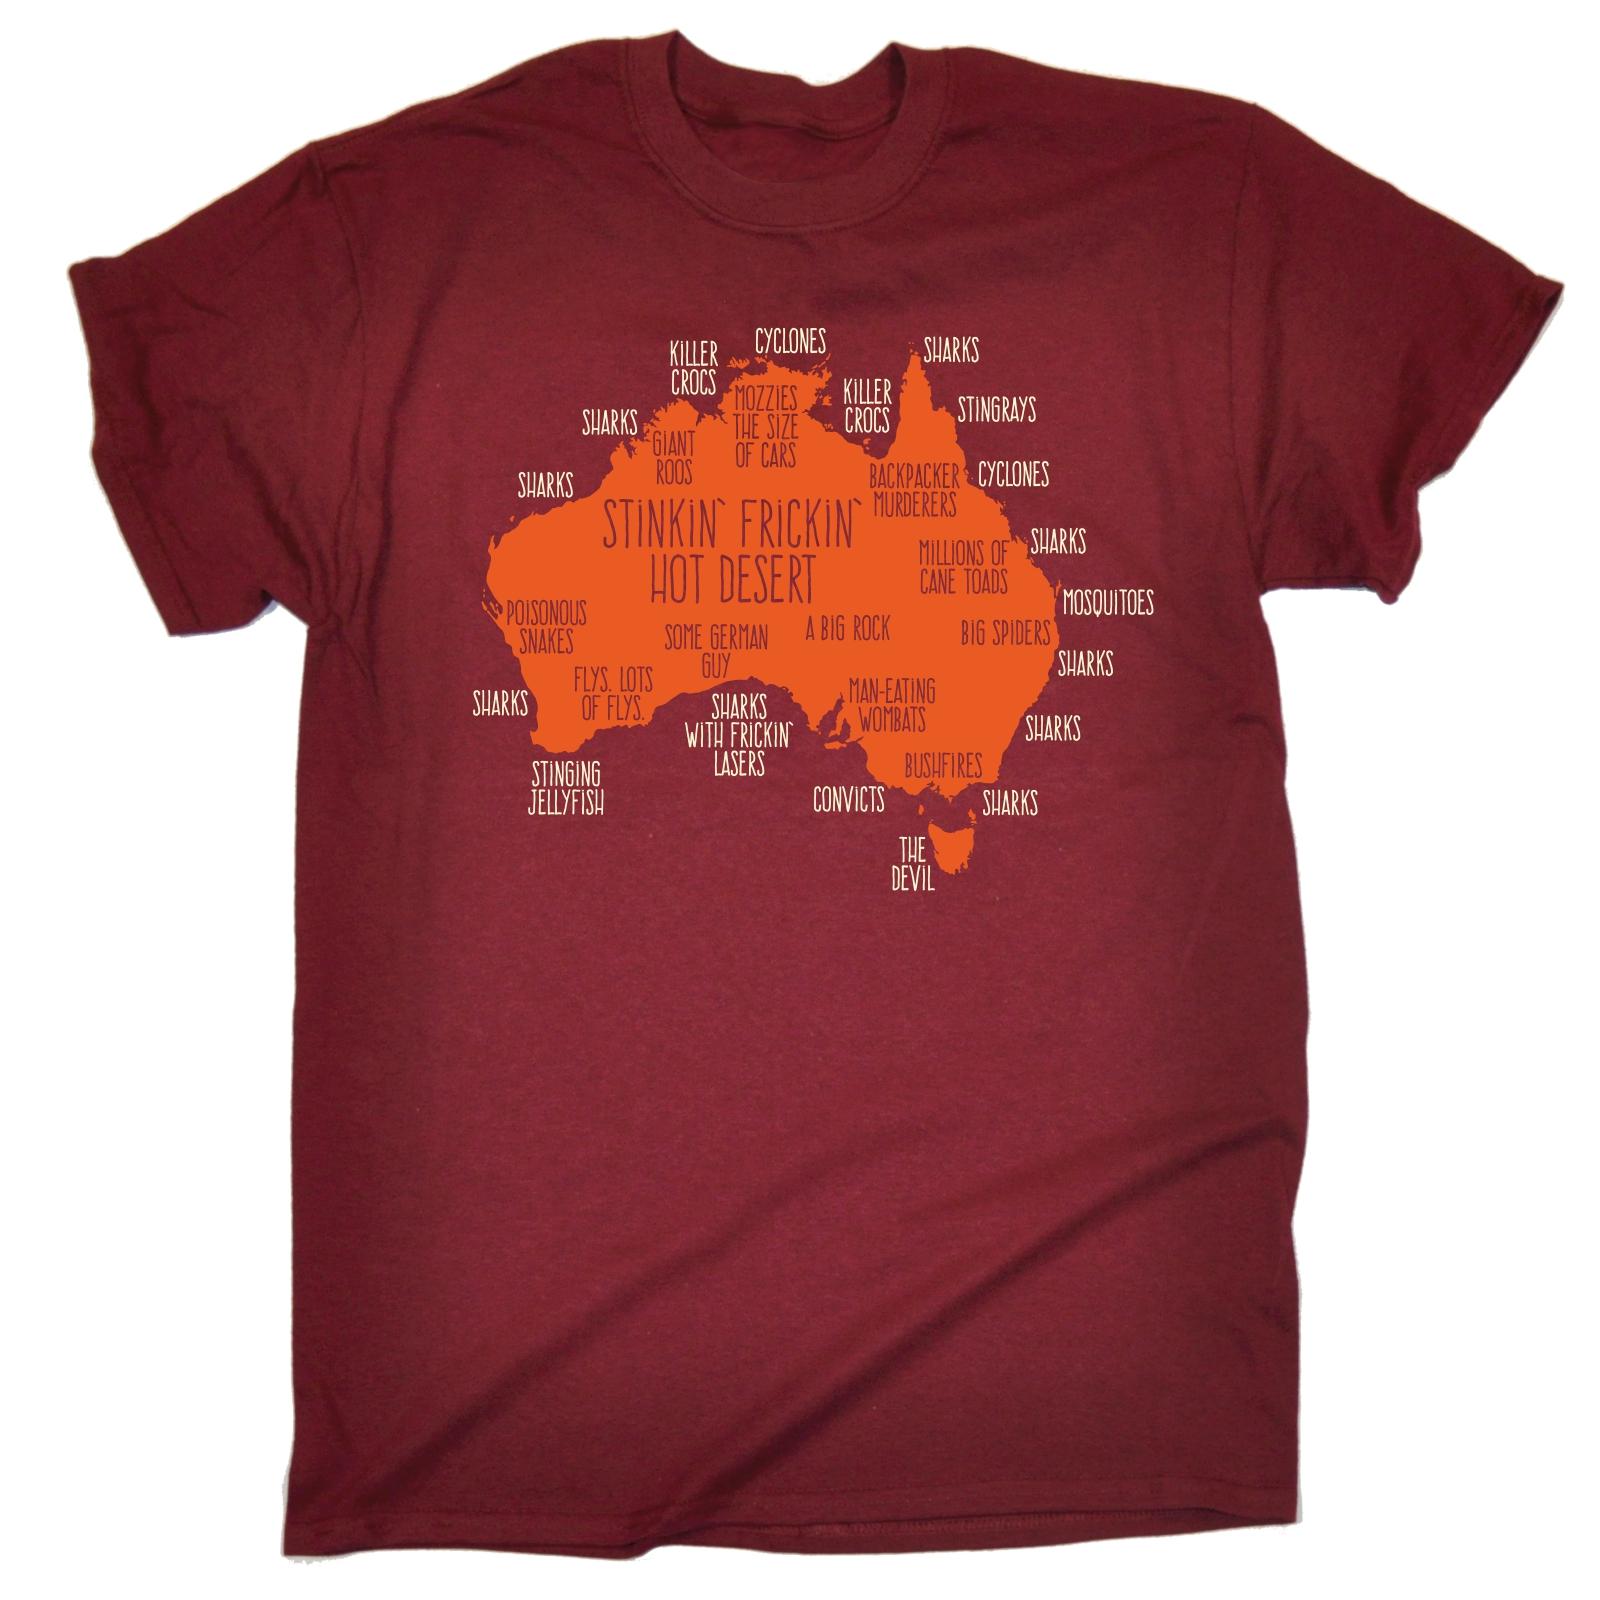 Australia explained mens t shirt funny birthday gift for Men s shirt sizes explained